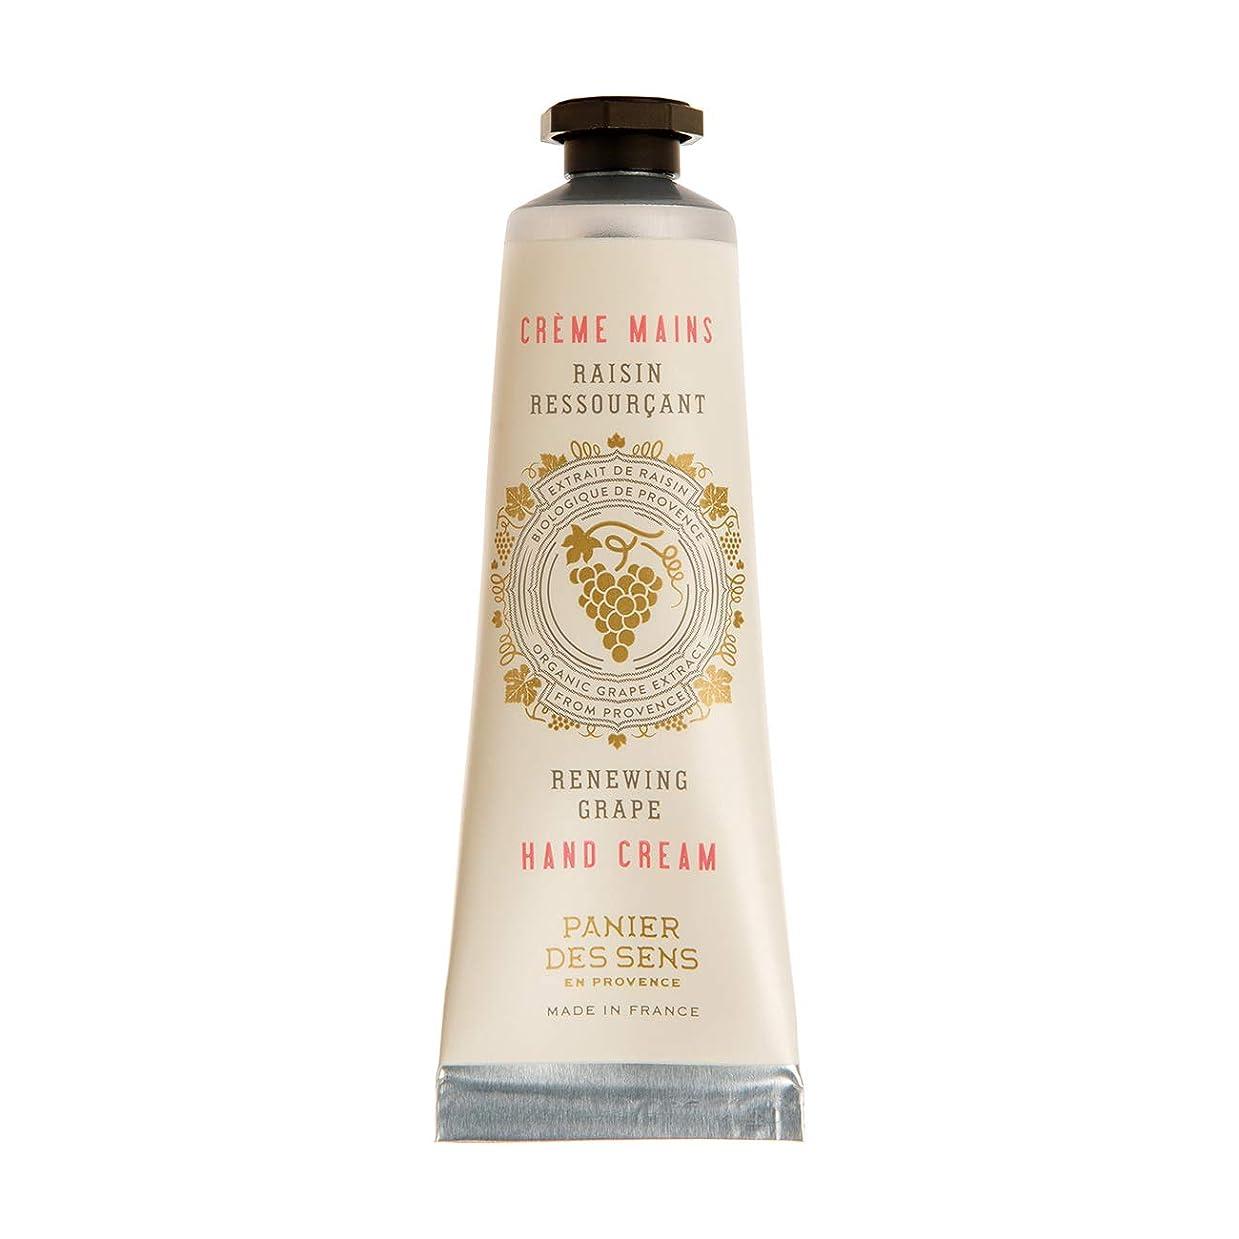 落花生血まみれのキャッチPanierdessens(パニエデサンス) PDS ハンドクリーム ホワイトグレープのフレッシュな香り 30mL(手肌用保湿 フランス製)